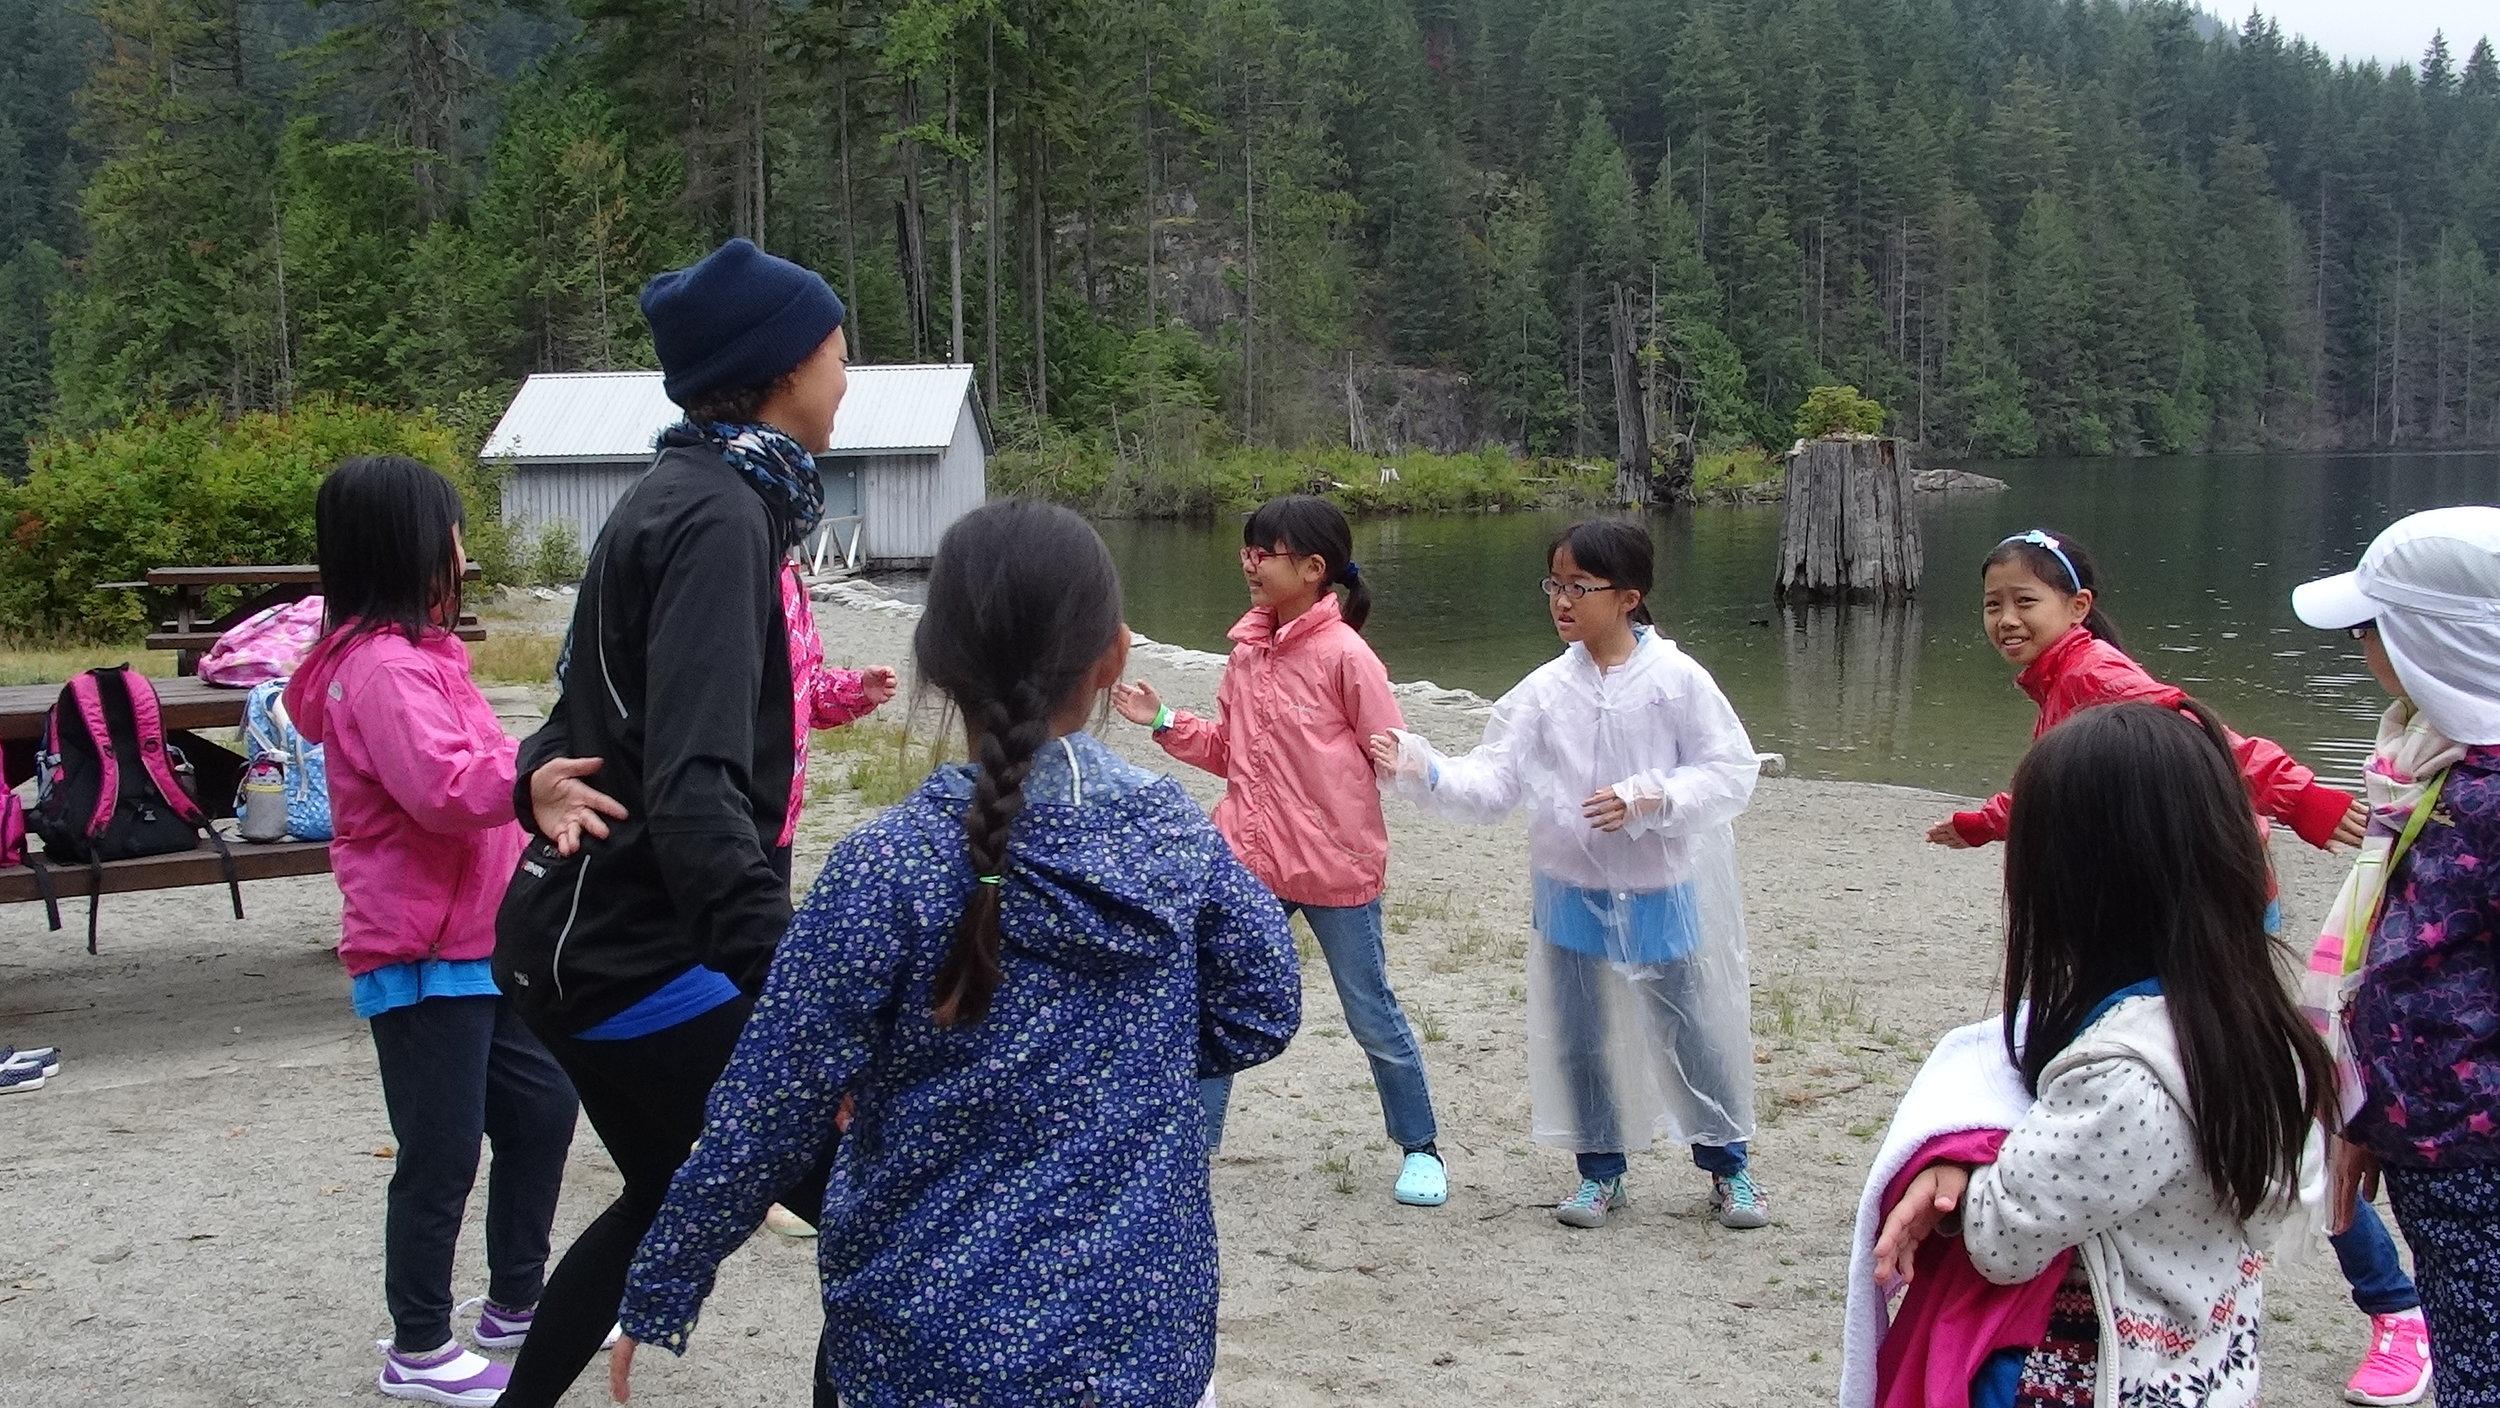 カヤックに乗るのを待つ間はグループでゲームをして遊びます